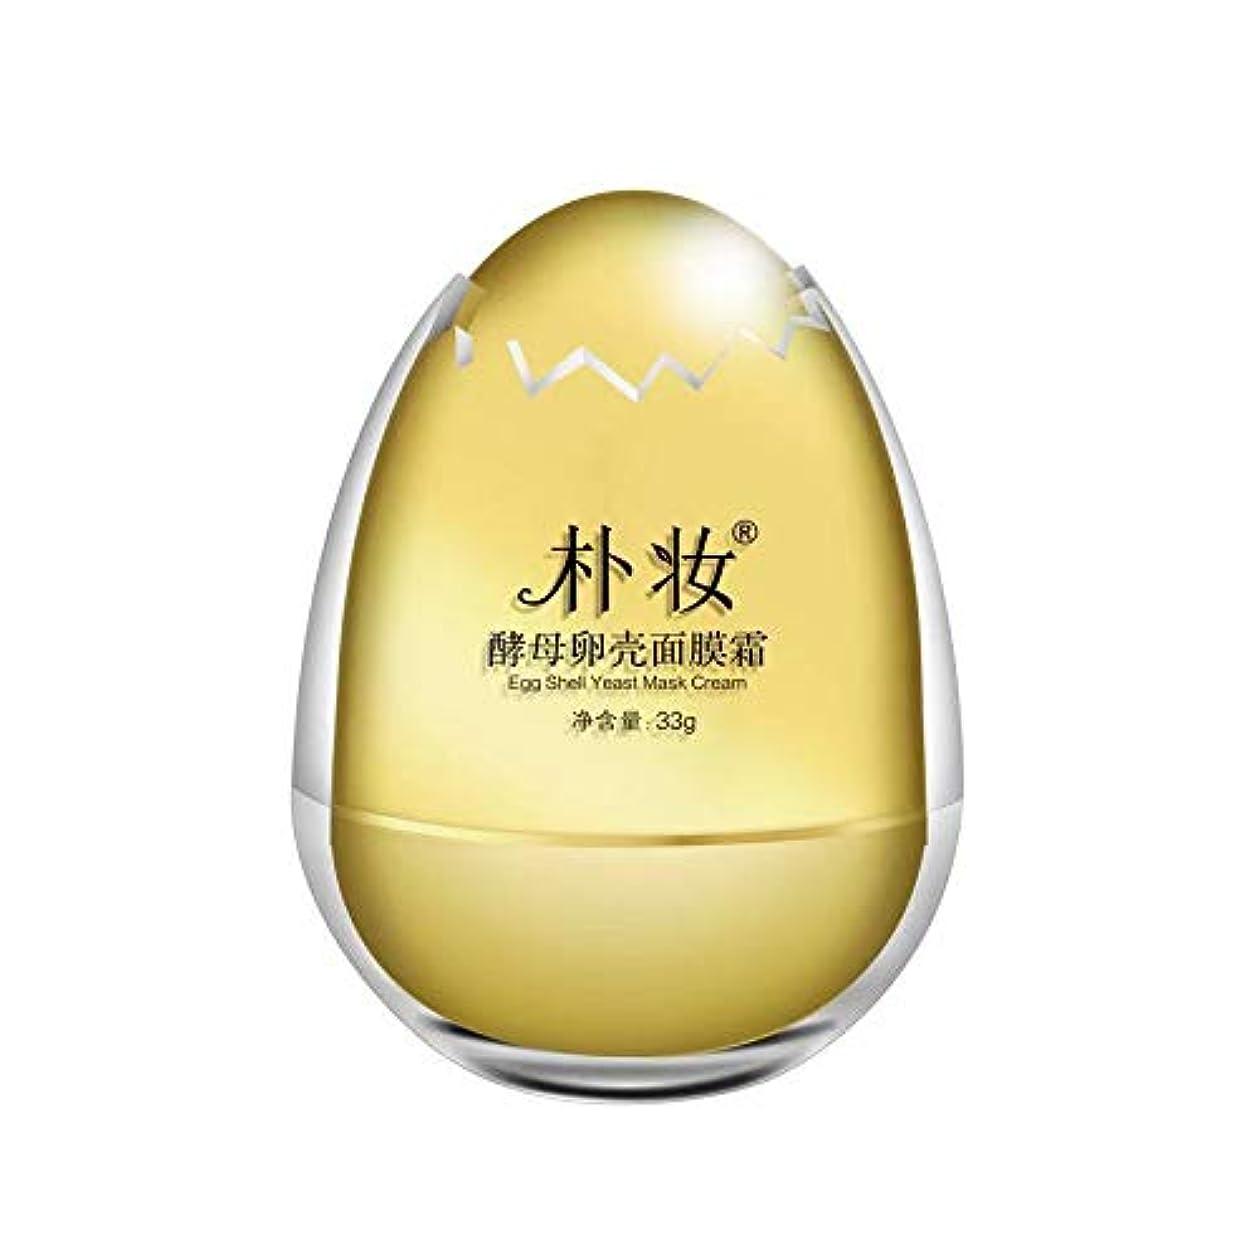 文化足リード朴妆たんたんパック 酵母卵殻マスククリーム33g しっとりと た肌,シュリンクポア,しわ耐性,肌を引っ張る、